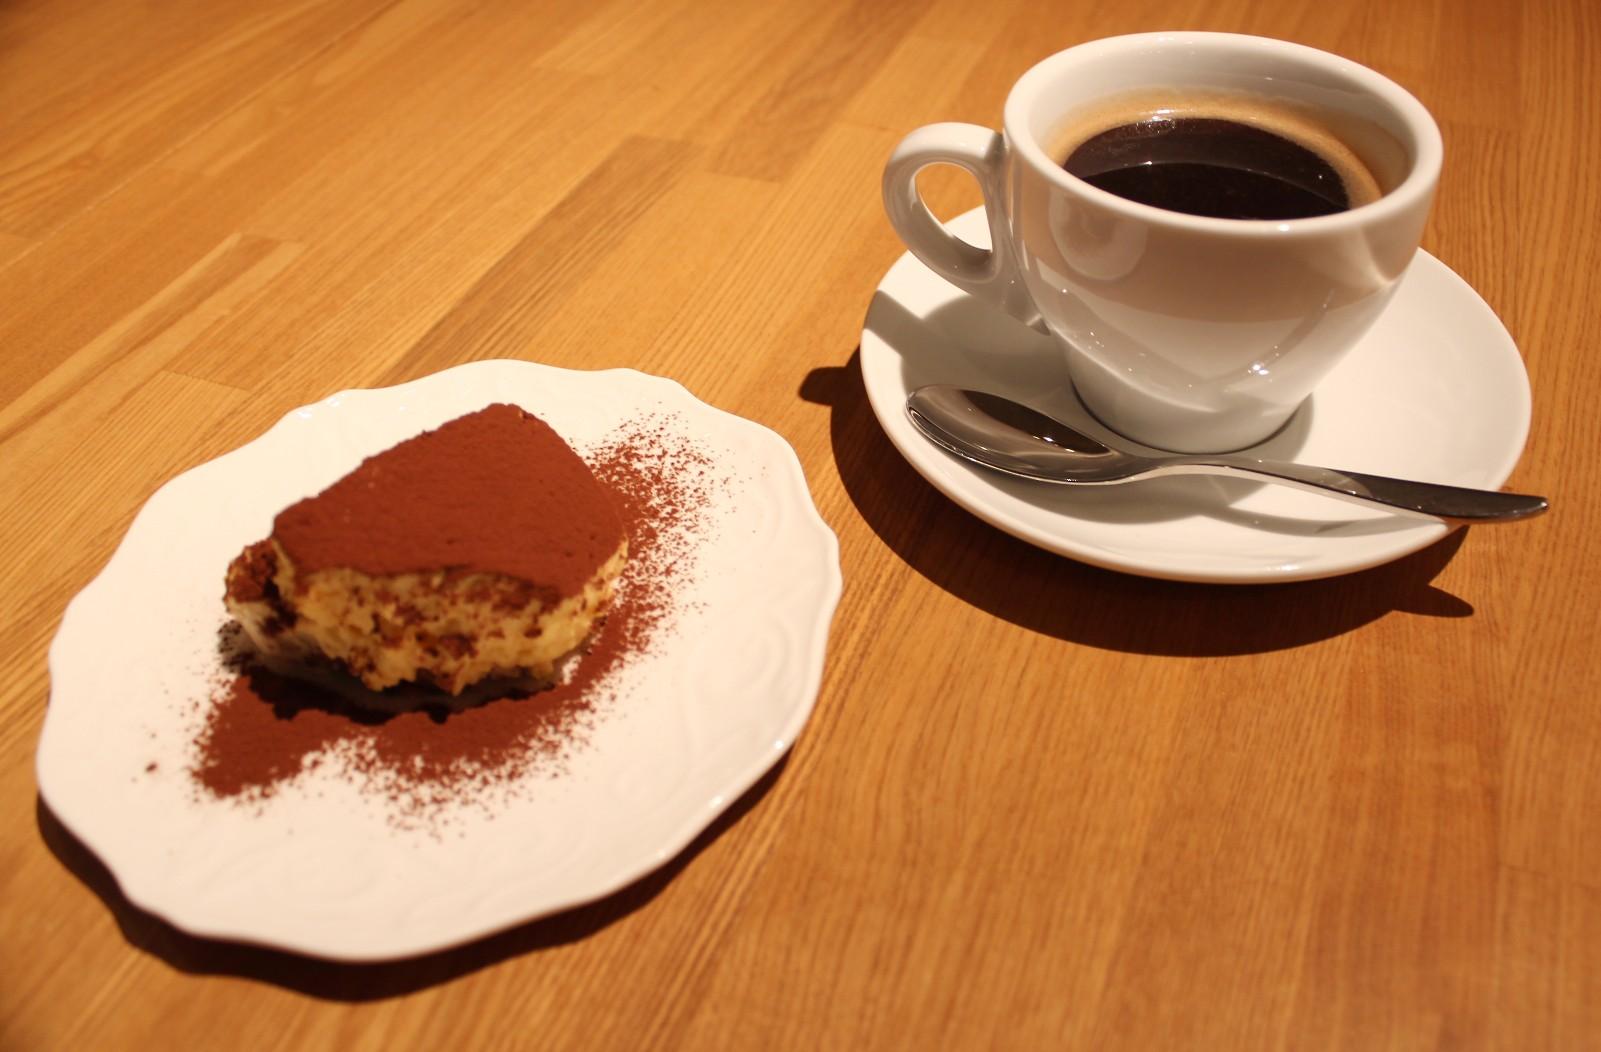 三鷹「ACQUA 39」コーヒーと手作りデザート